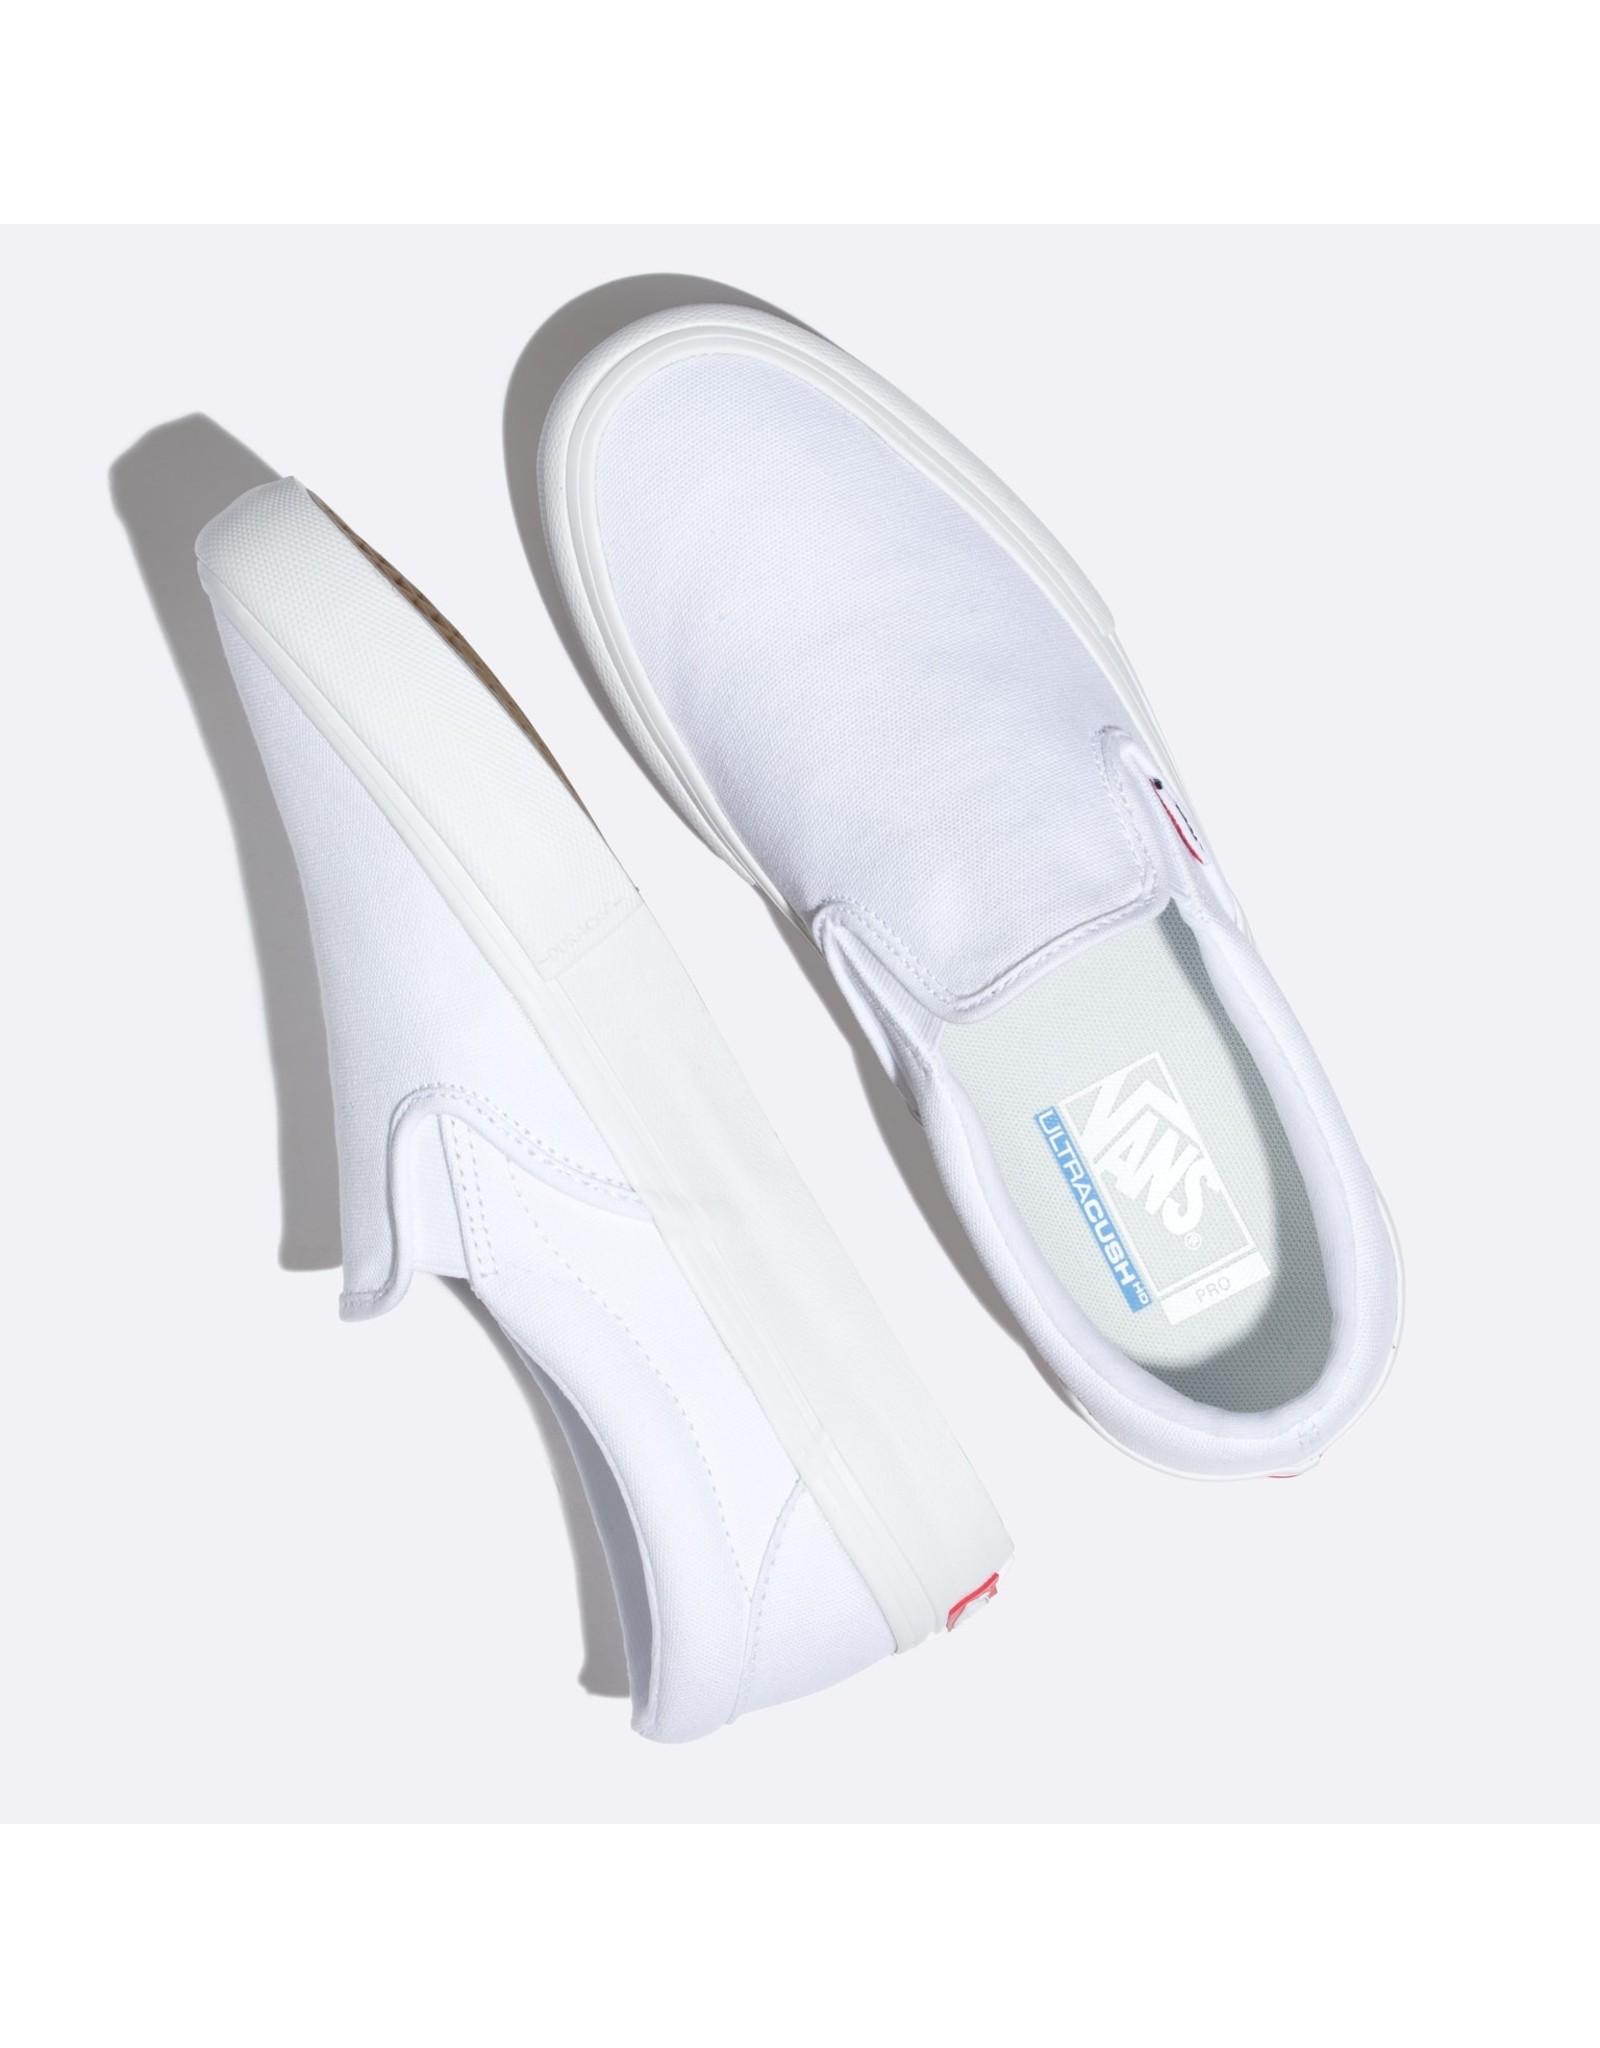 VANS VANS - SLIP-ON PRO - WHITE -